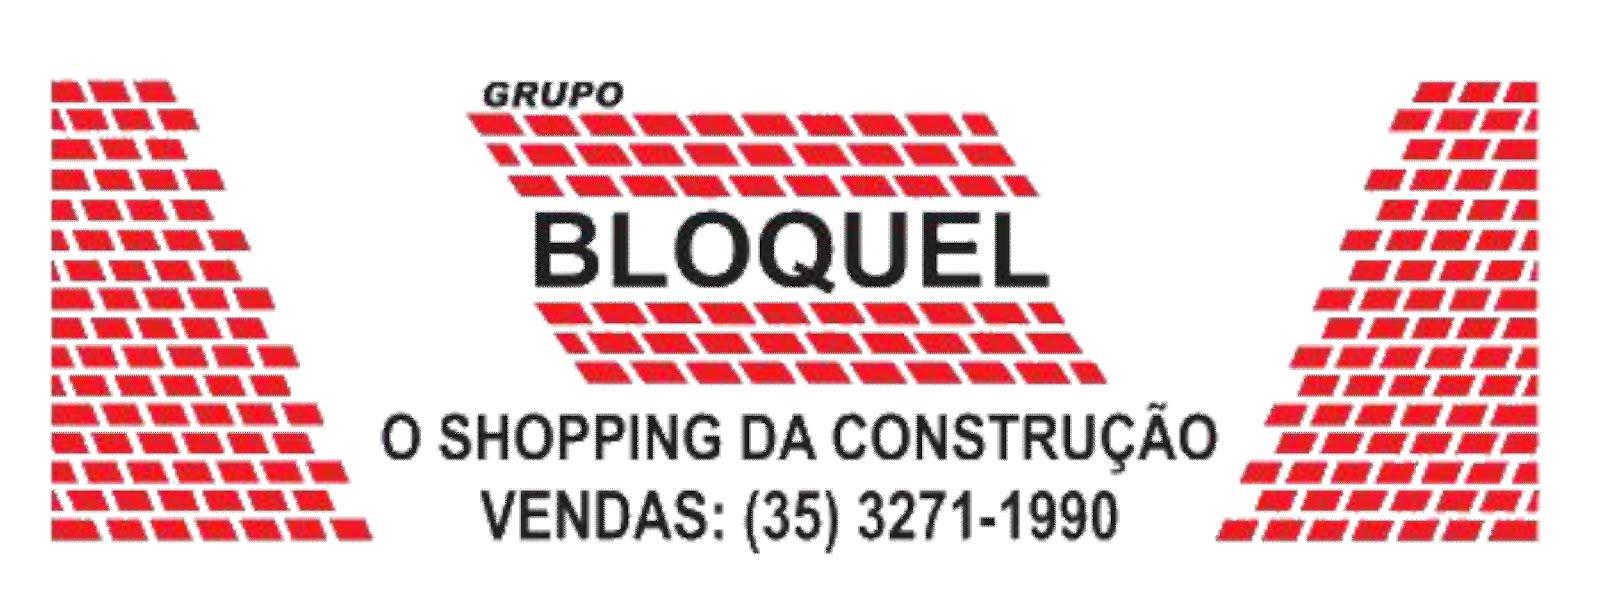 BLOQUEL - LAMBARI